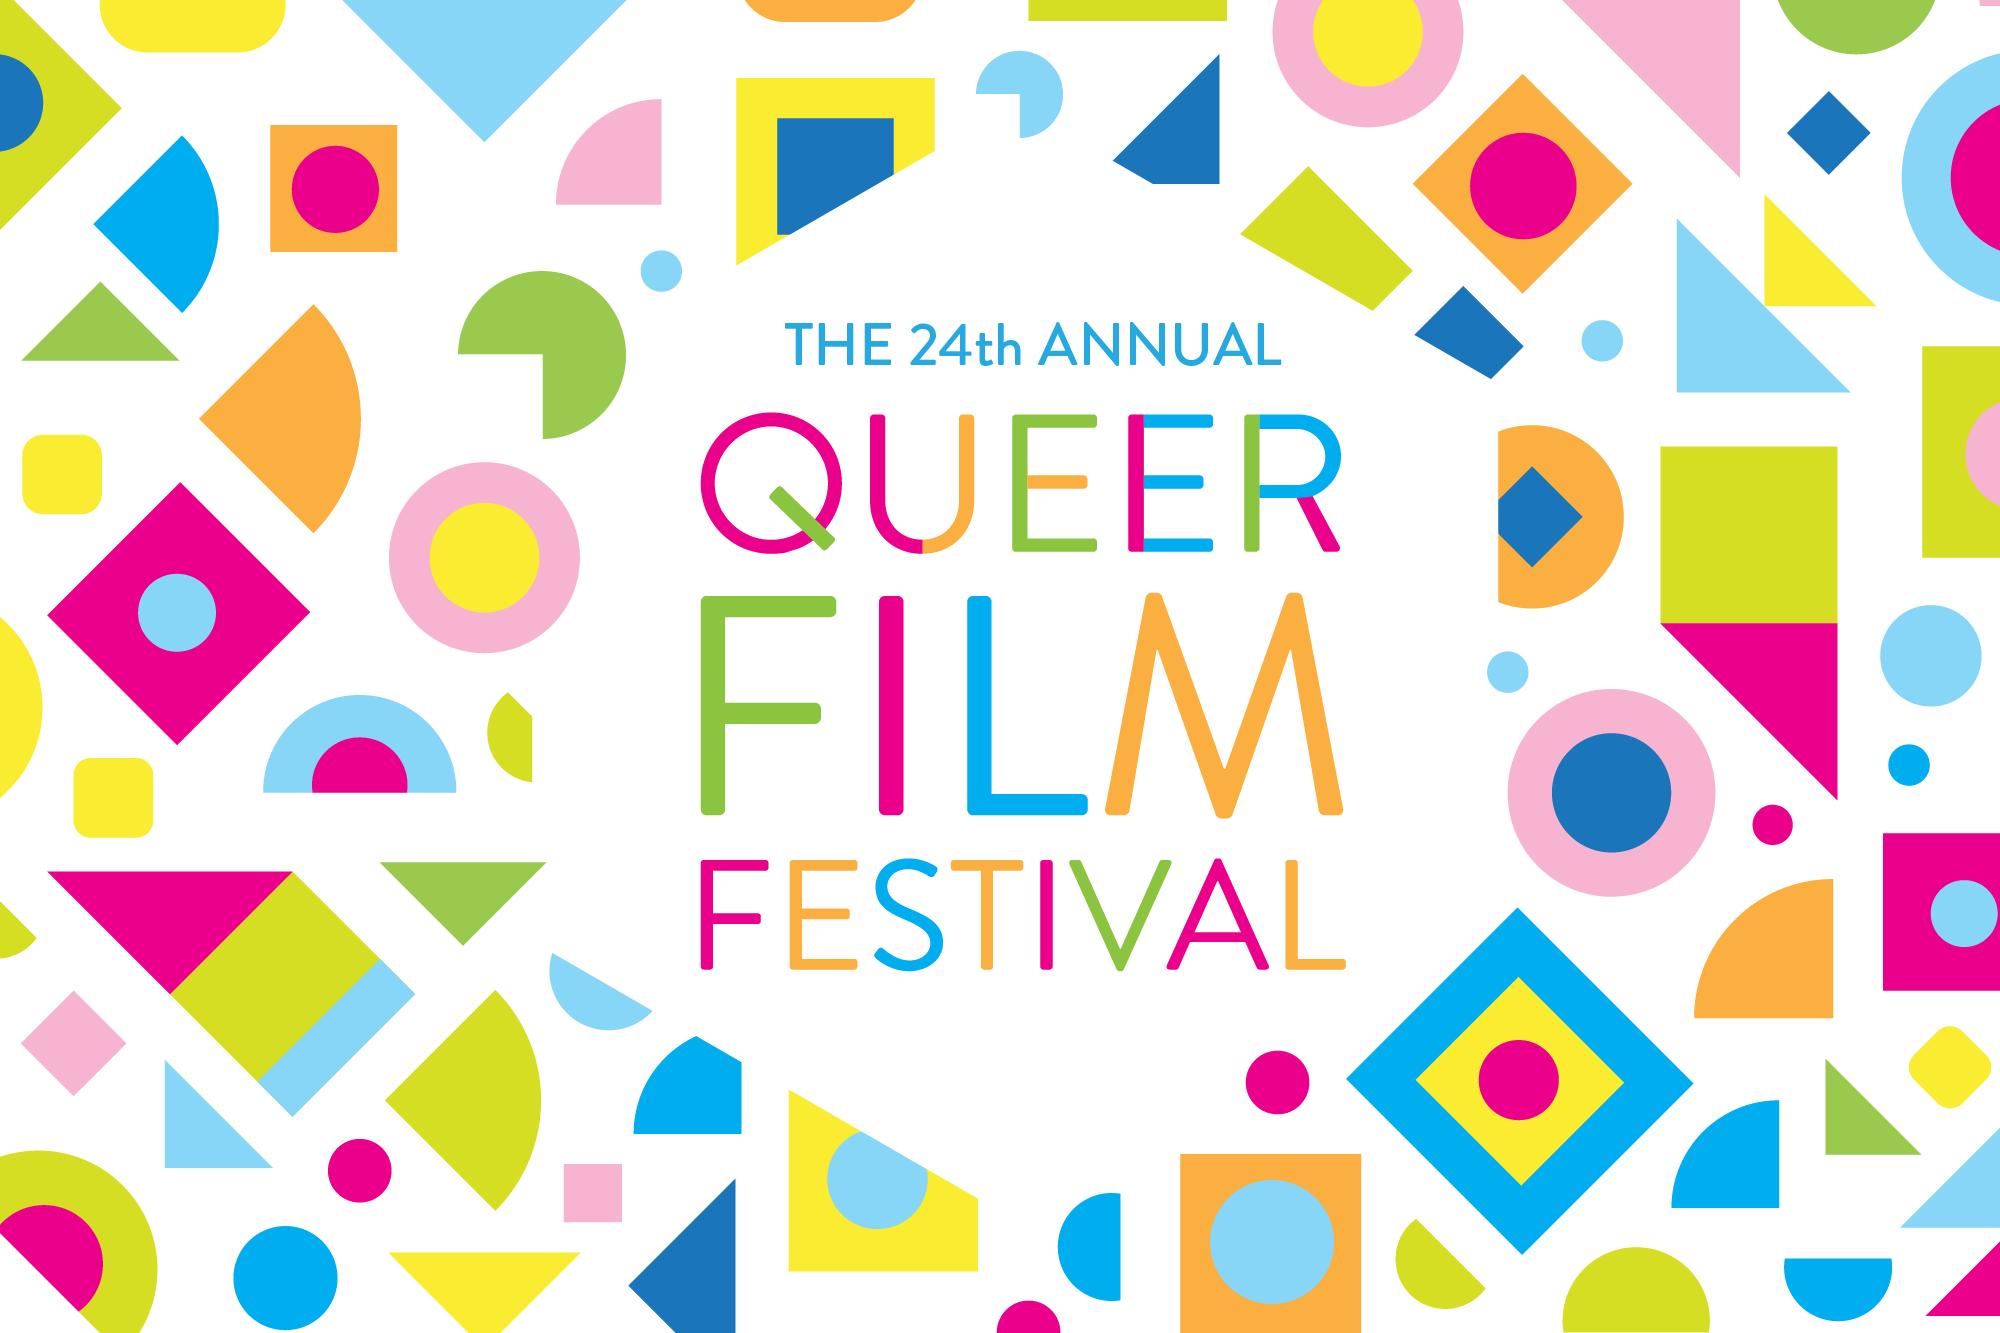 Queer Film Festival 2016